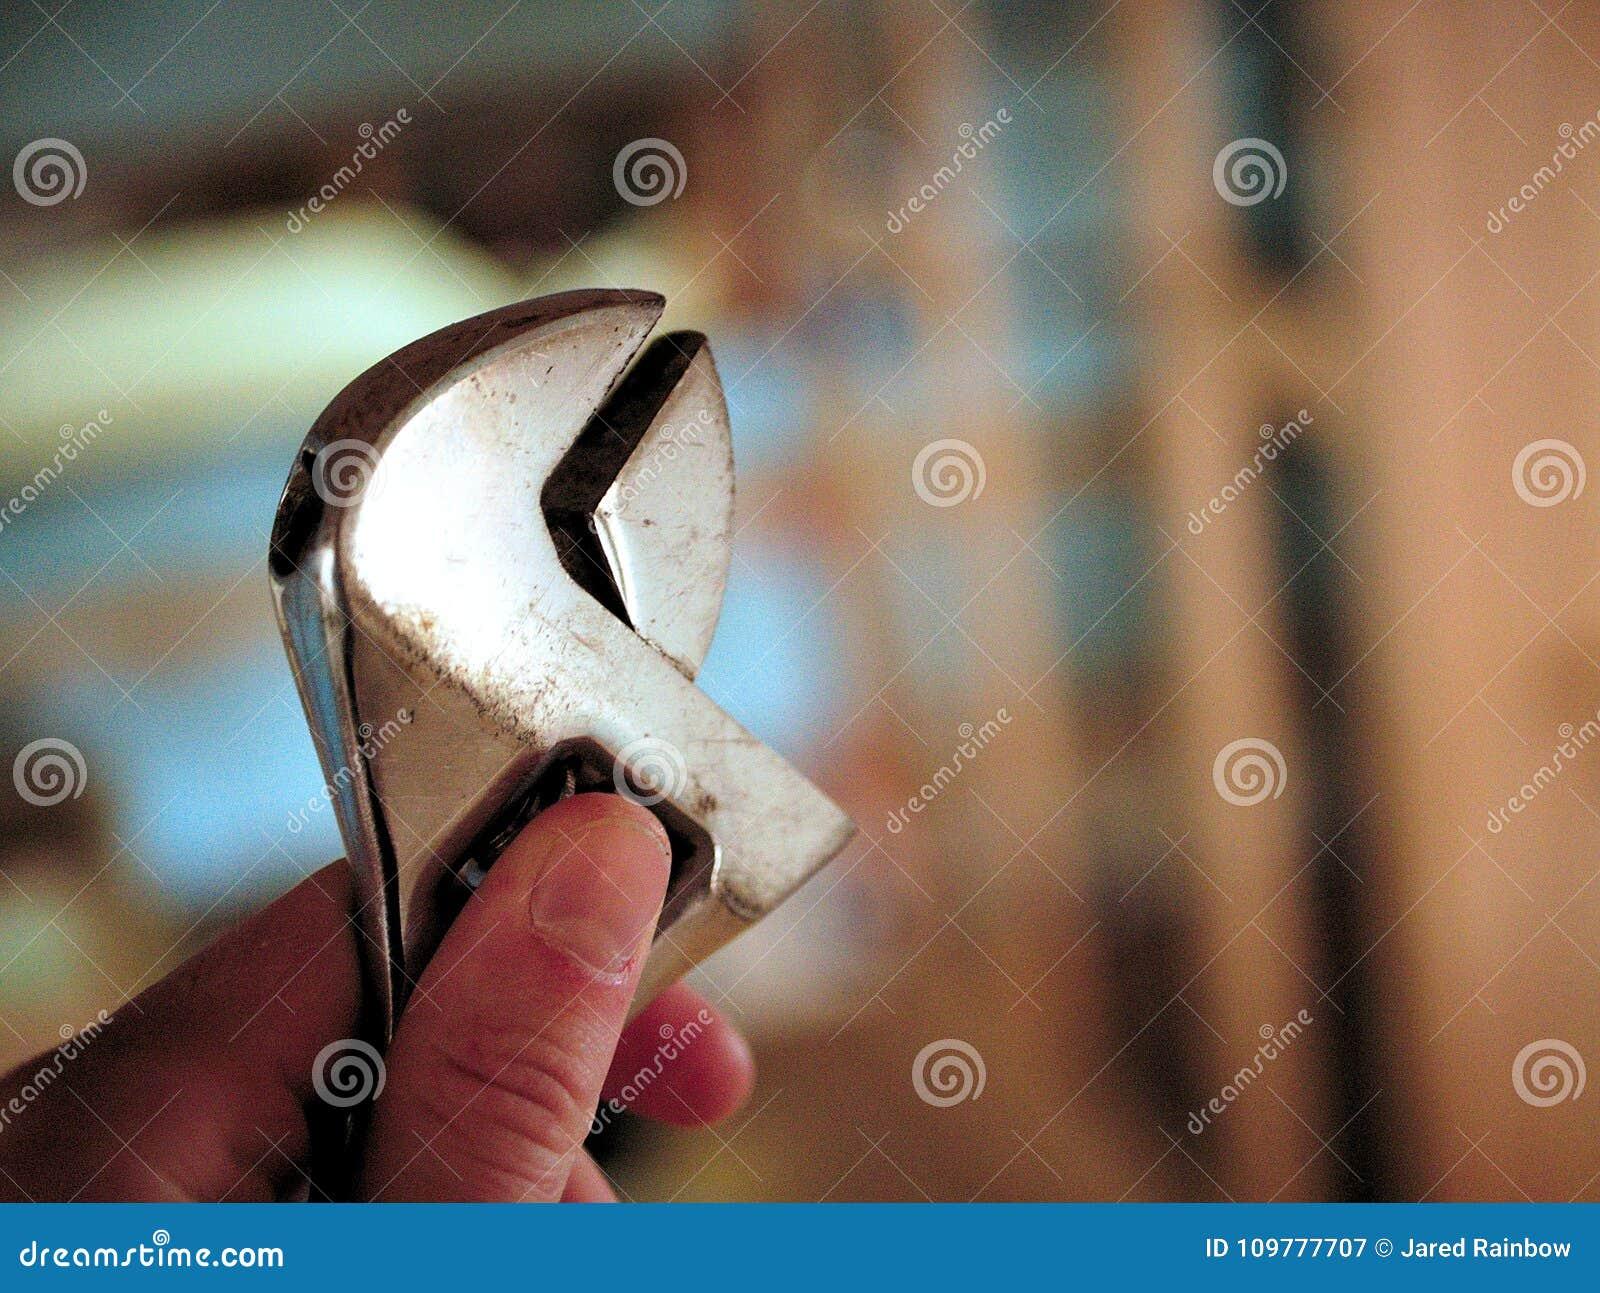 Sostener una llave creciente en mi mano en taller